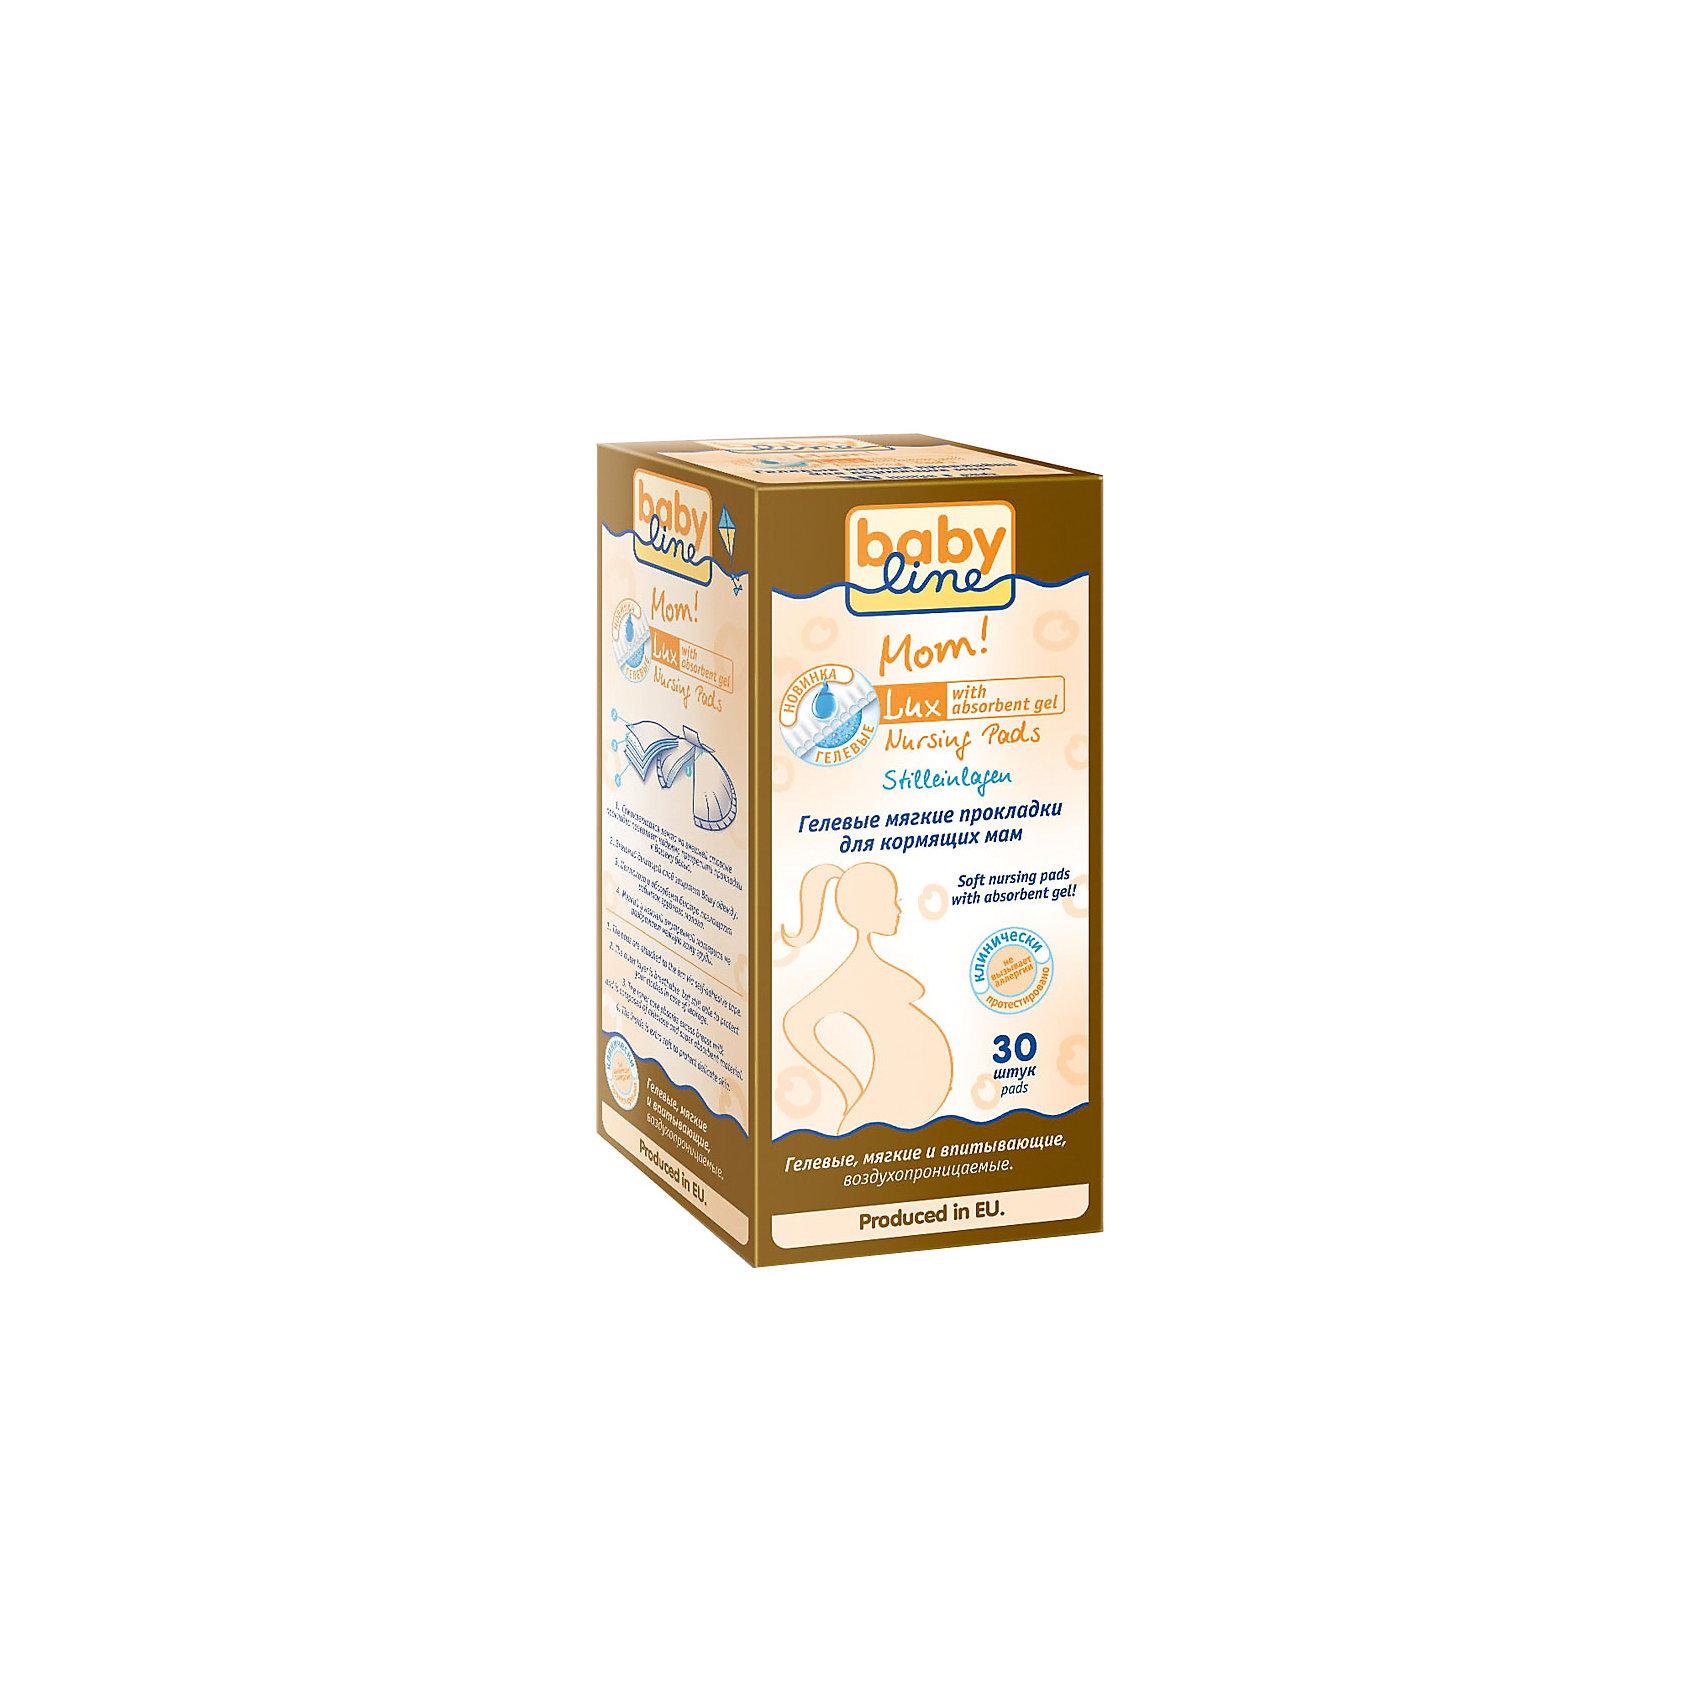 Гелевые прокладки для груди LUX , 30 шт., BabyLineНакладки на грудь<br>Гелевые прокладки для груди LUX , 30 шт., от немецкого производителя высококачественных продуктов для будущих и настоящих мам BabyLine (Бейби лайн). Эти мягкие тонкие прокладки обеспечат надежную защиту в период кормления грудью. Особенно важен уход и гигиена в самом начале кормления. Специальный гелевый наполнитель отлично впитывает и не дает влаге протечь. Прокладки не оставляют ворсинок и не расслаиваются, обладая супервпитывающими свойствами и оставляя кожу сухой и дышащей, предохраняя ее от раздражений. Удобная анатомическая форма позволит чувствовать себя более комфортно при носке этих прокладок. Незаметны под одеждой и протестированы дерматологами. На каждой прокладке имеет небольшой клеевой квадратик для более надежной фиксации в бюстгатере. <br><br>Дополнительная информация:<br>- В комплект входят: 30 прокладок в коробке <br>- Состав: обработанная целлюлоза, абсорбирующий гель.<br>- Размер: 22 * 9,5 * 9,5 см.<br><br>Гелевые прокладки для груди LUX , 30 шт., BabyLine (Бейби лайн) можно купить в нашем интернет-магазине.<br>Подробнее:<br>• Для детей в возрасте: от 0 месяцев <br>• Номер товара: 5008290<br>Страна производитель: Германия<br><br>Ширина мм: 300<br>Глубина мм: 100<br>Высота мм: 50<br>Вес г: 200<br>Возраст от месяцев: 0<br>Возраст до месяцев: 36<br>Пол: Женский<br>Возраст: Детский<br>SKU: 5008290